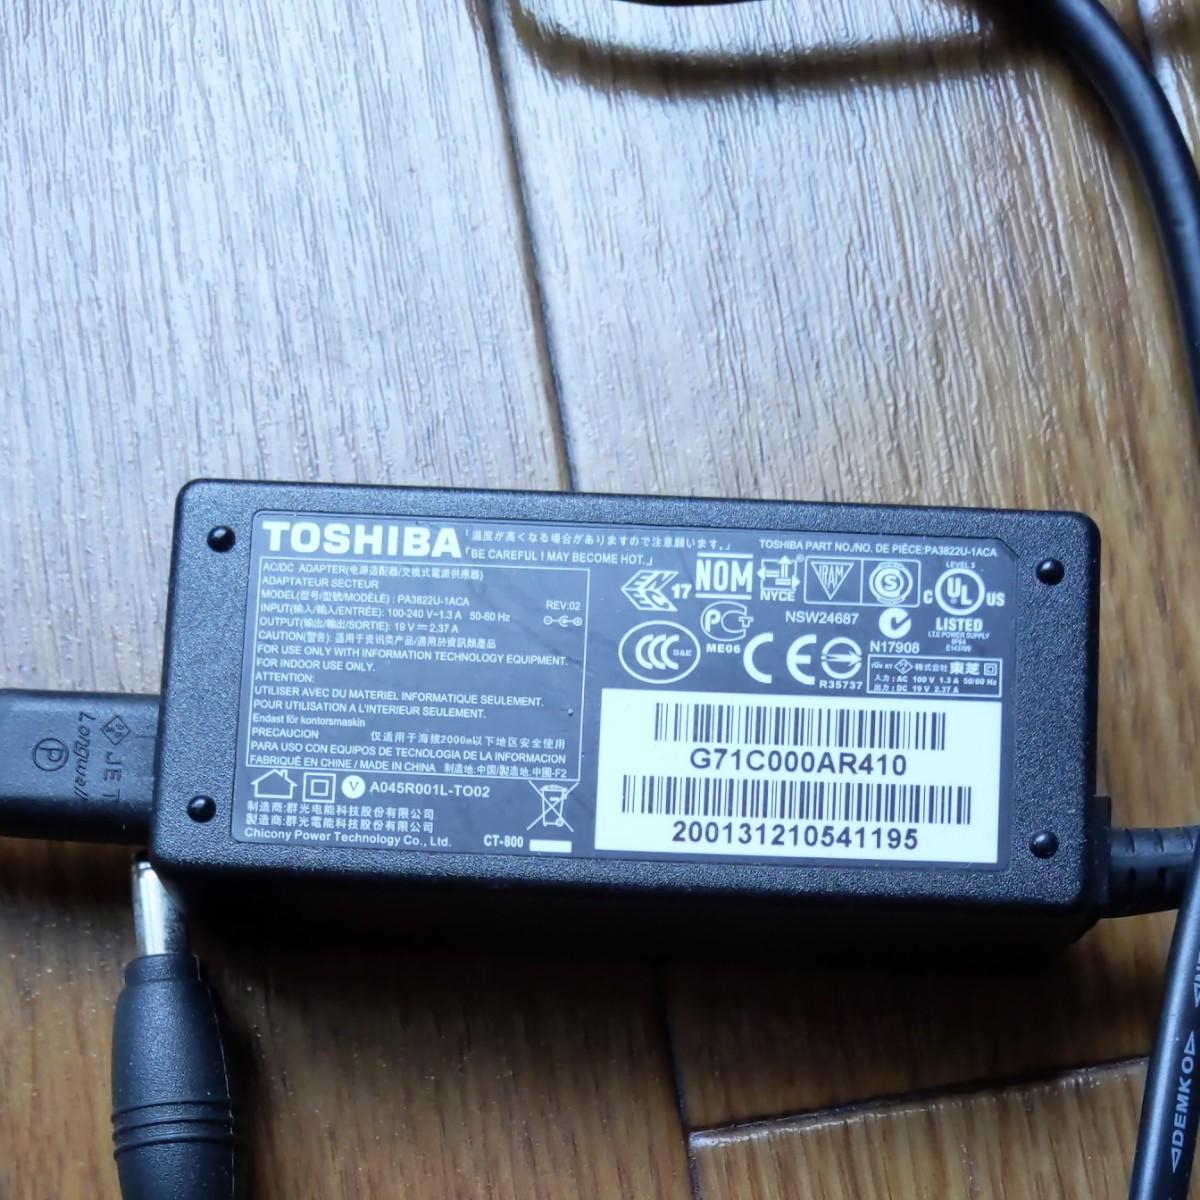 東芝の多機能ドック「dynadock U3.0」Toshiba